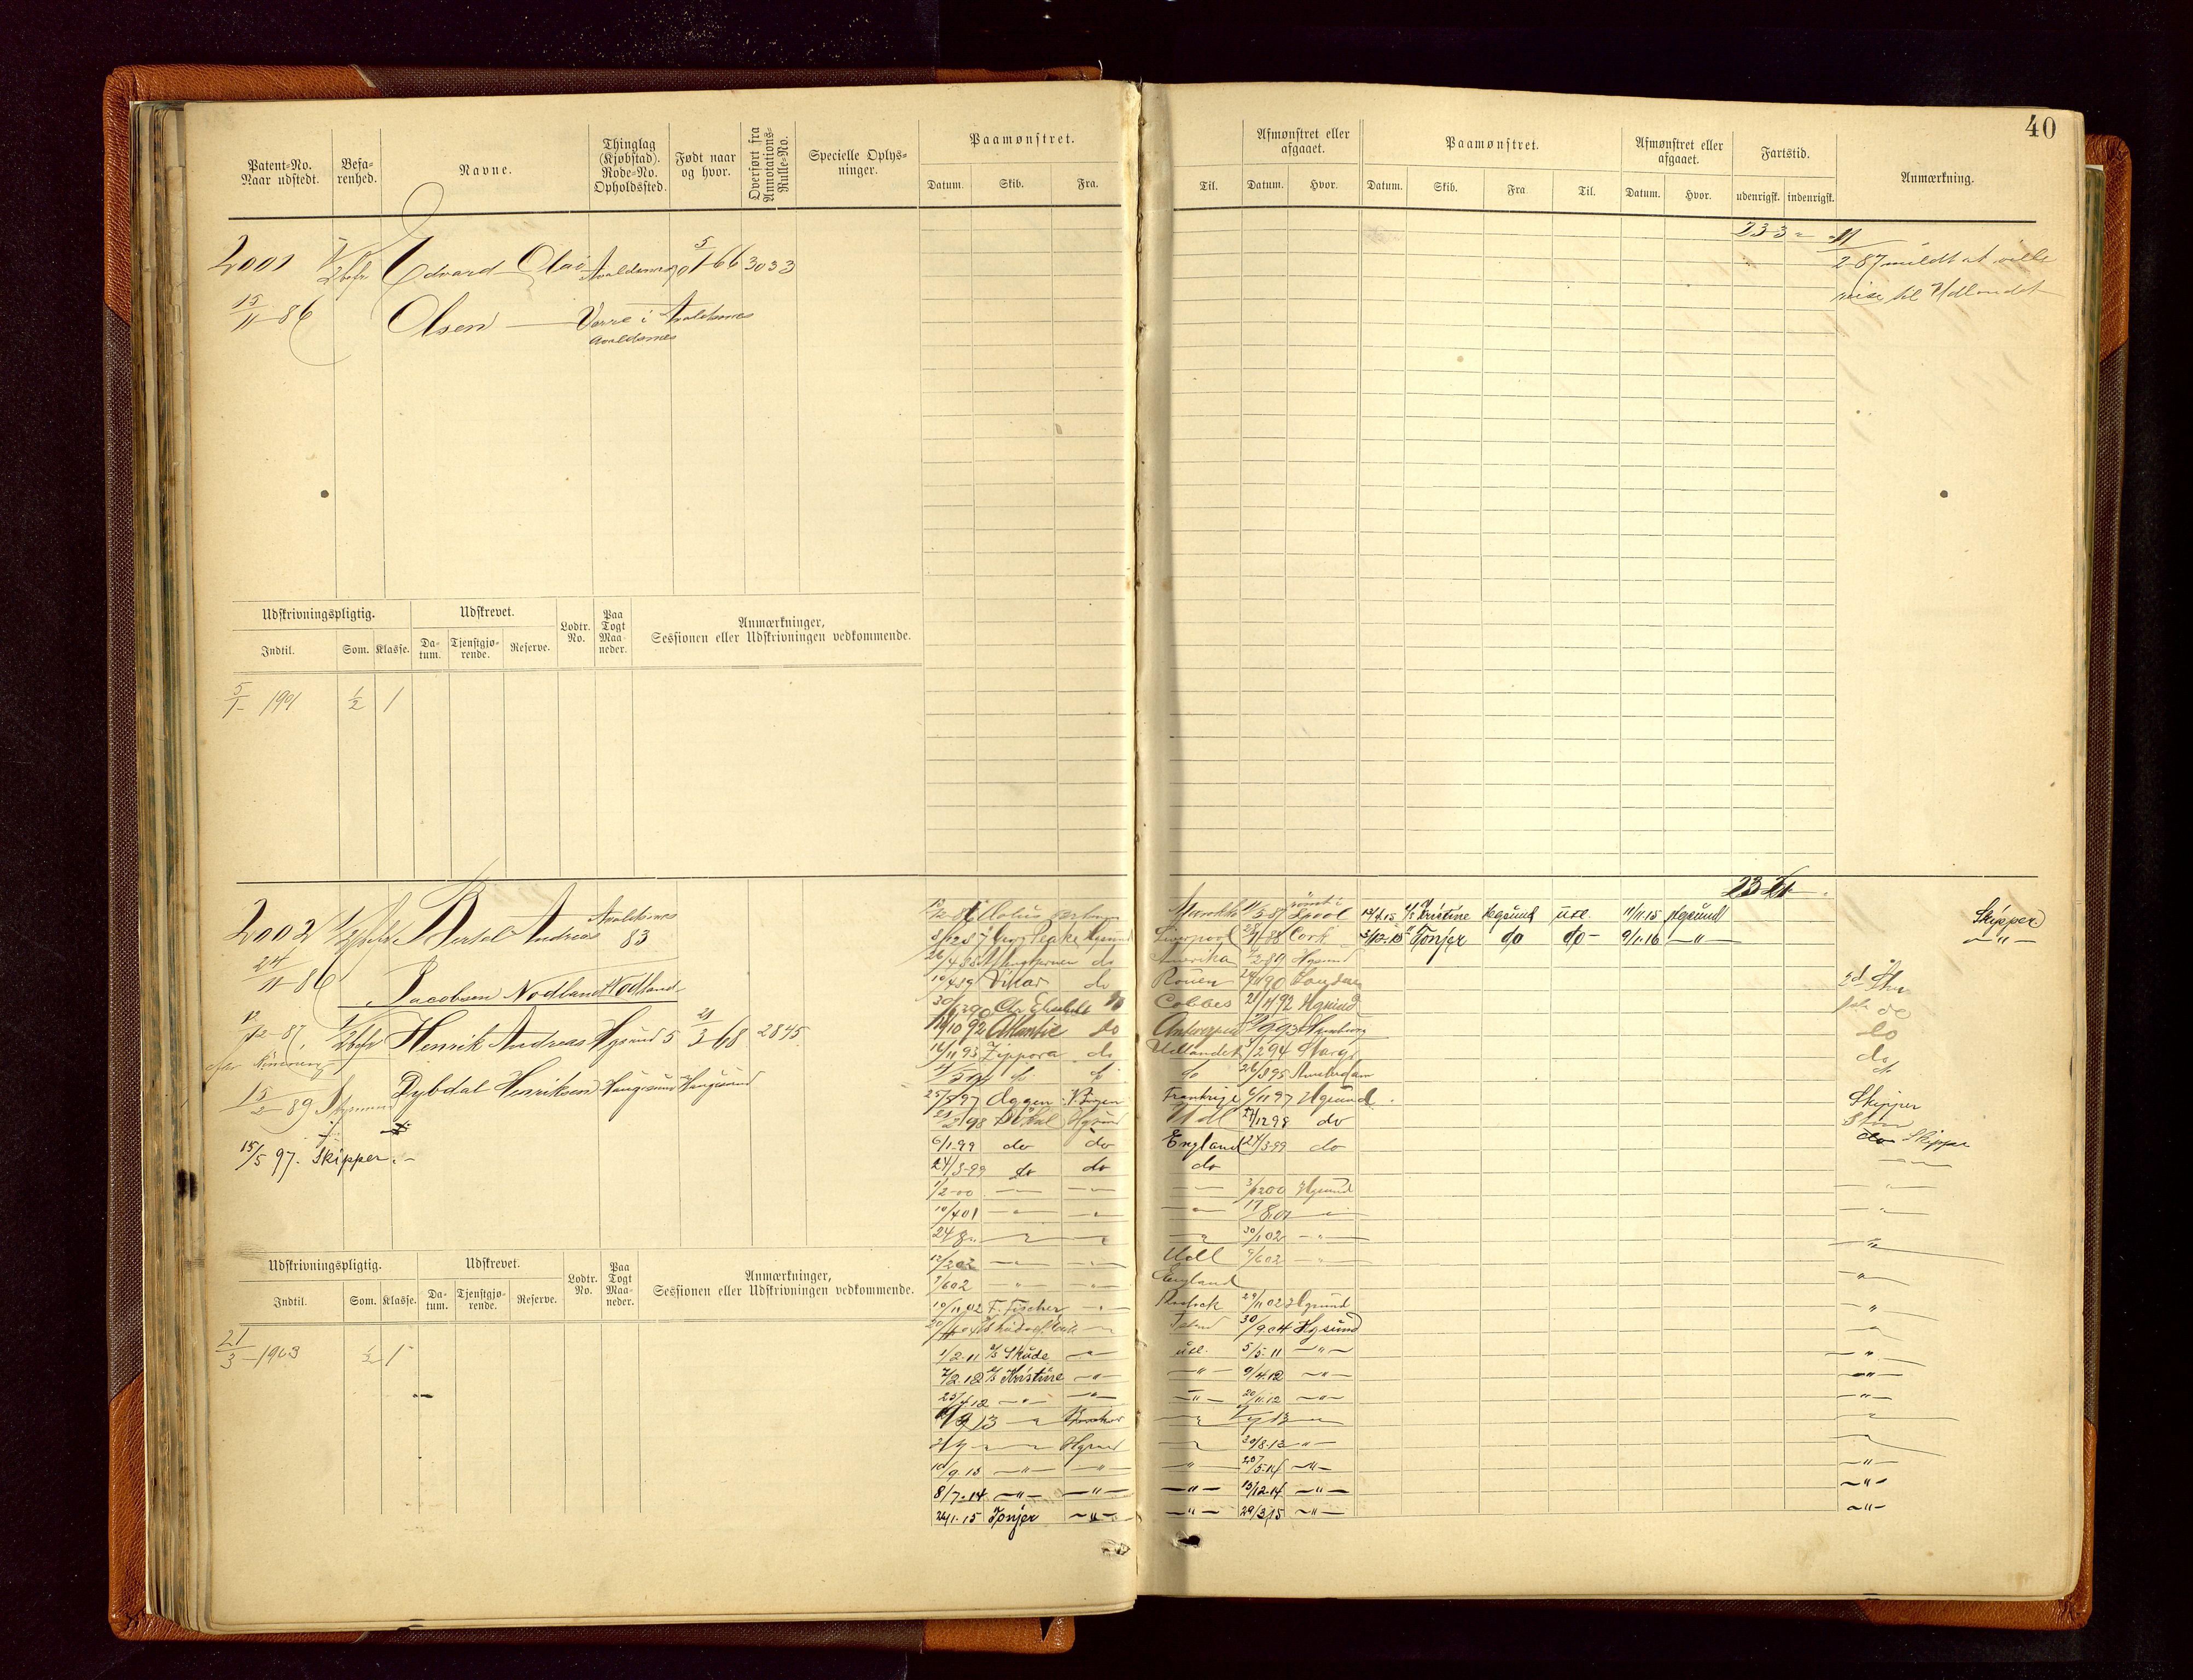 SAST, Haugesund sjømannskontor, F/Fb/Fbb/L0006: Sjøfartsrulle Haugesund krets nr.1923-2884, 1868-1948, s. 40